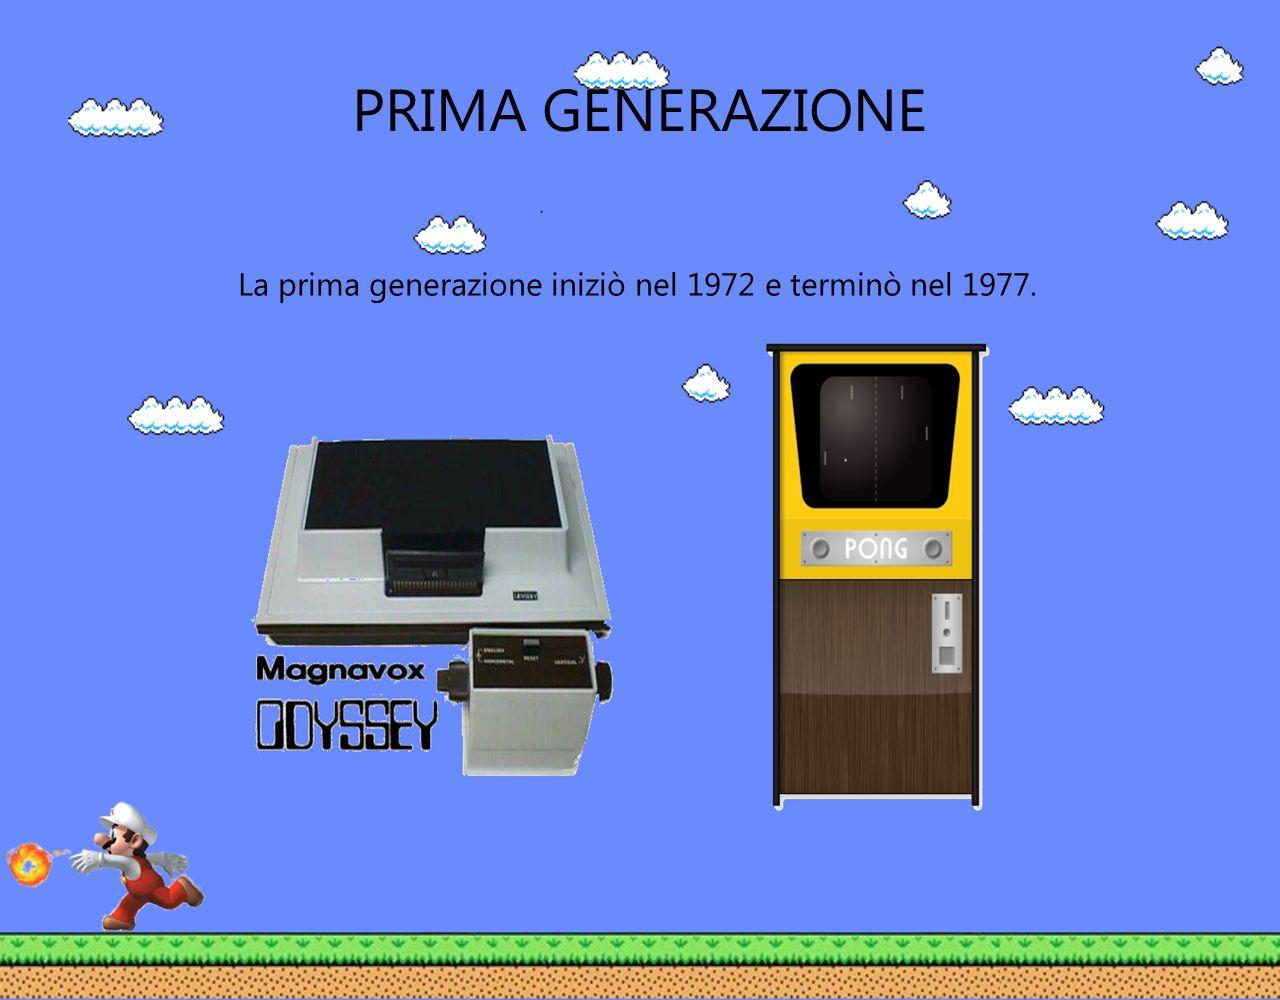 La prima generazione iniziò nel 1972 e terminò nel 1977.